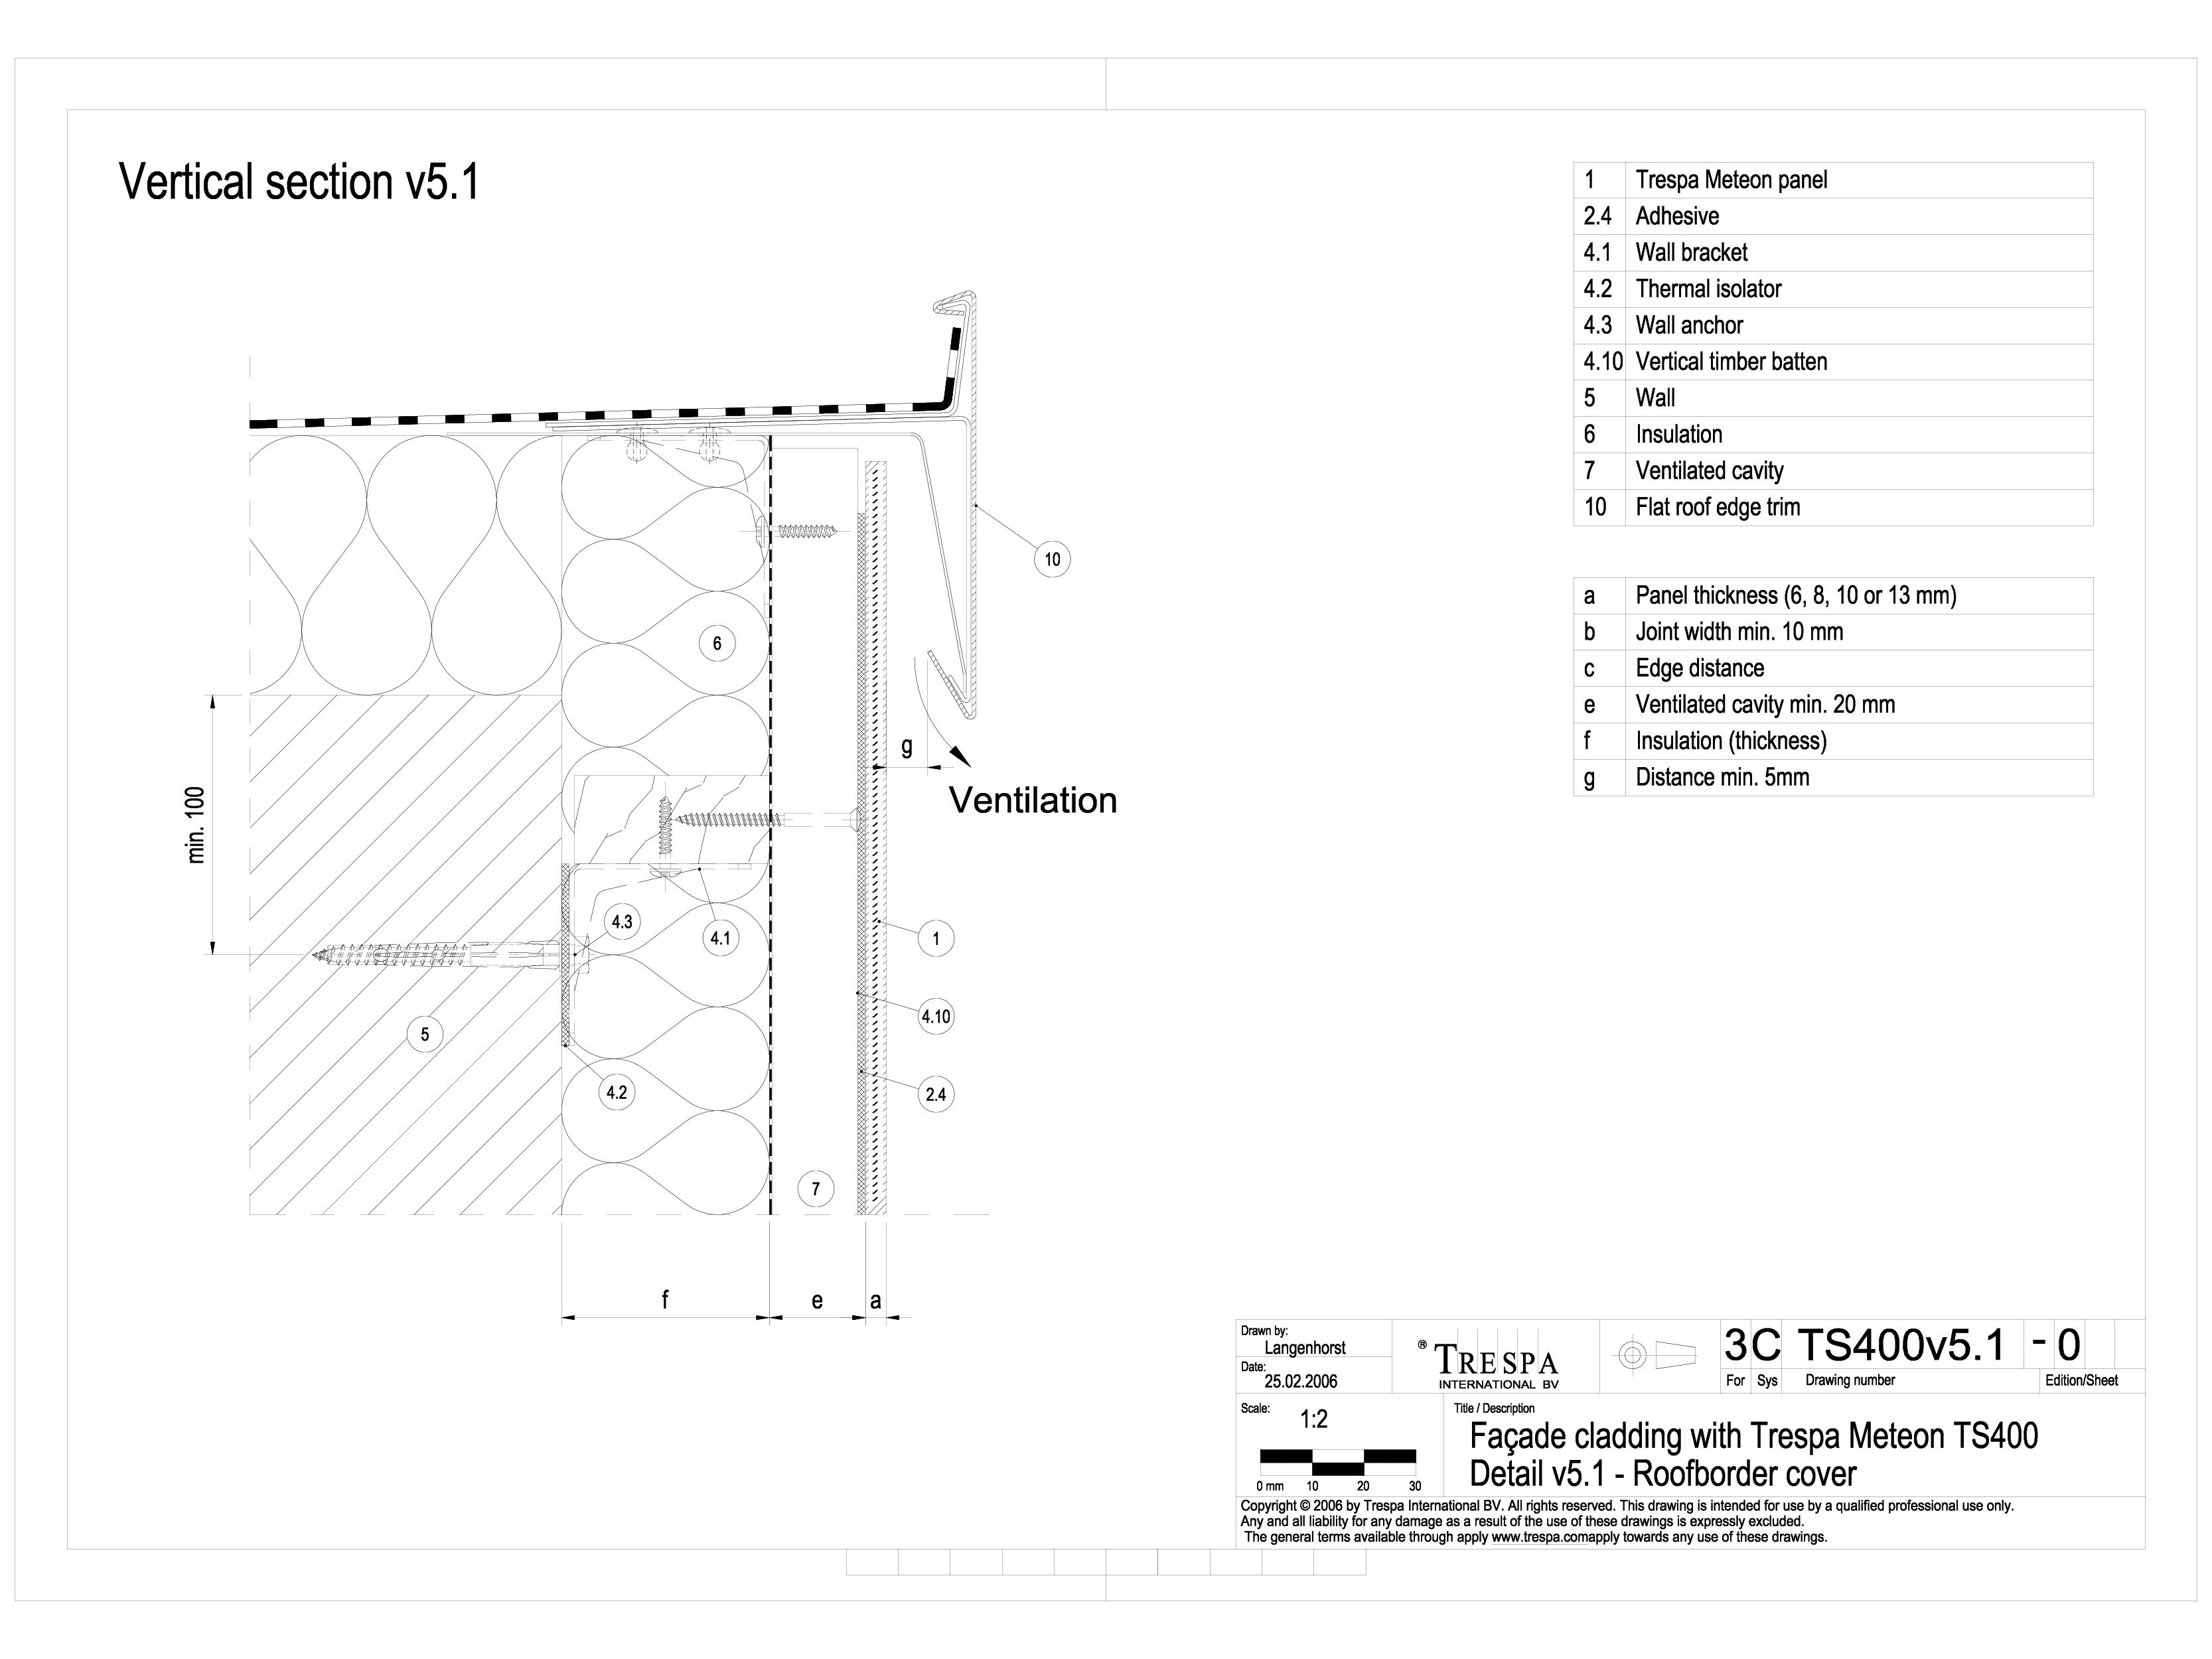 Sisteme de prindere fatade ventilate invizibile cu adeziv si suruburi, detaliu de racordare la invelitoare METEON TRESPA Placi HPL pentru fatade ventilate GIBB TECHNOLOGIES  - Pagina 1